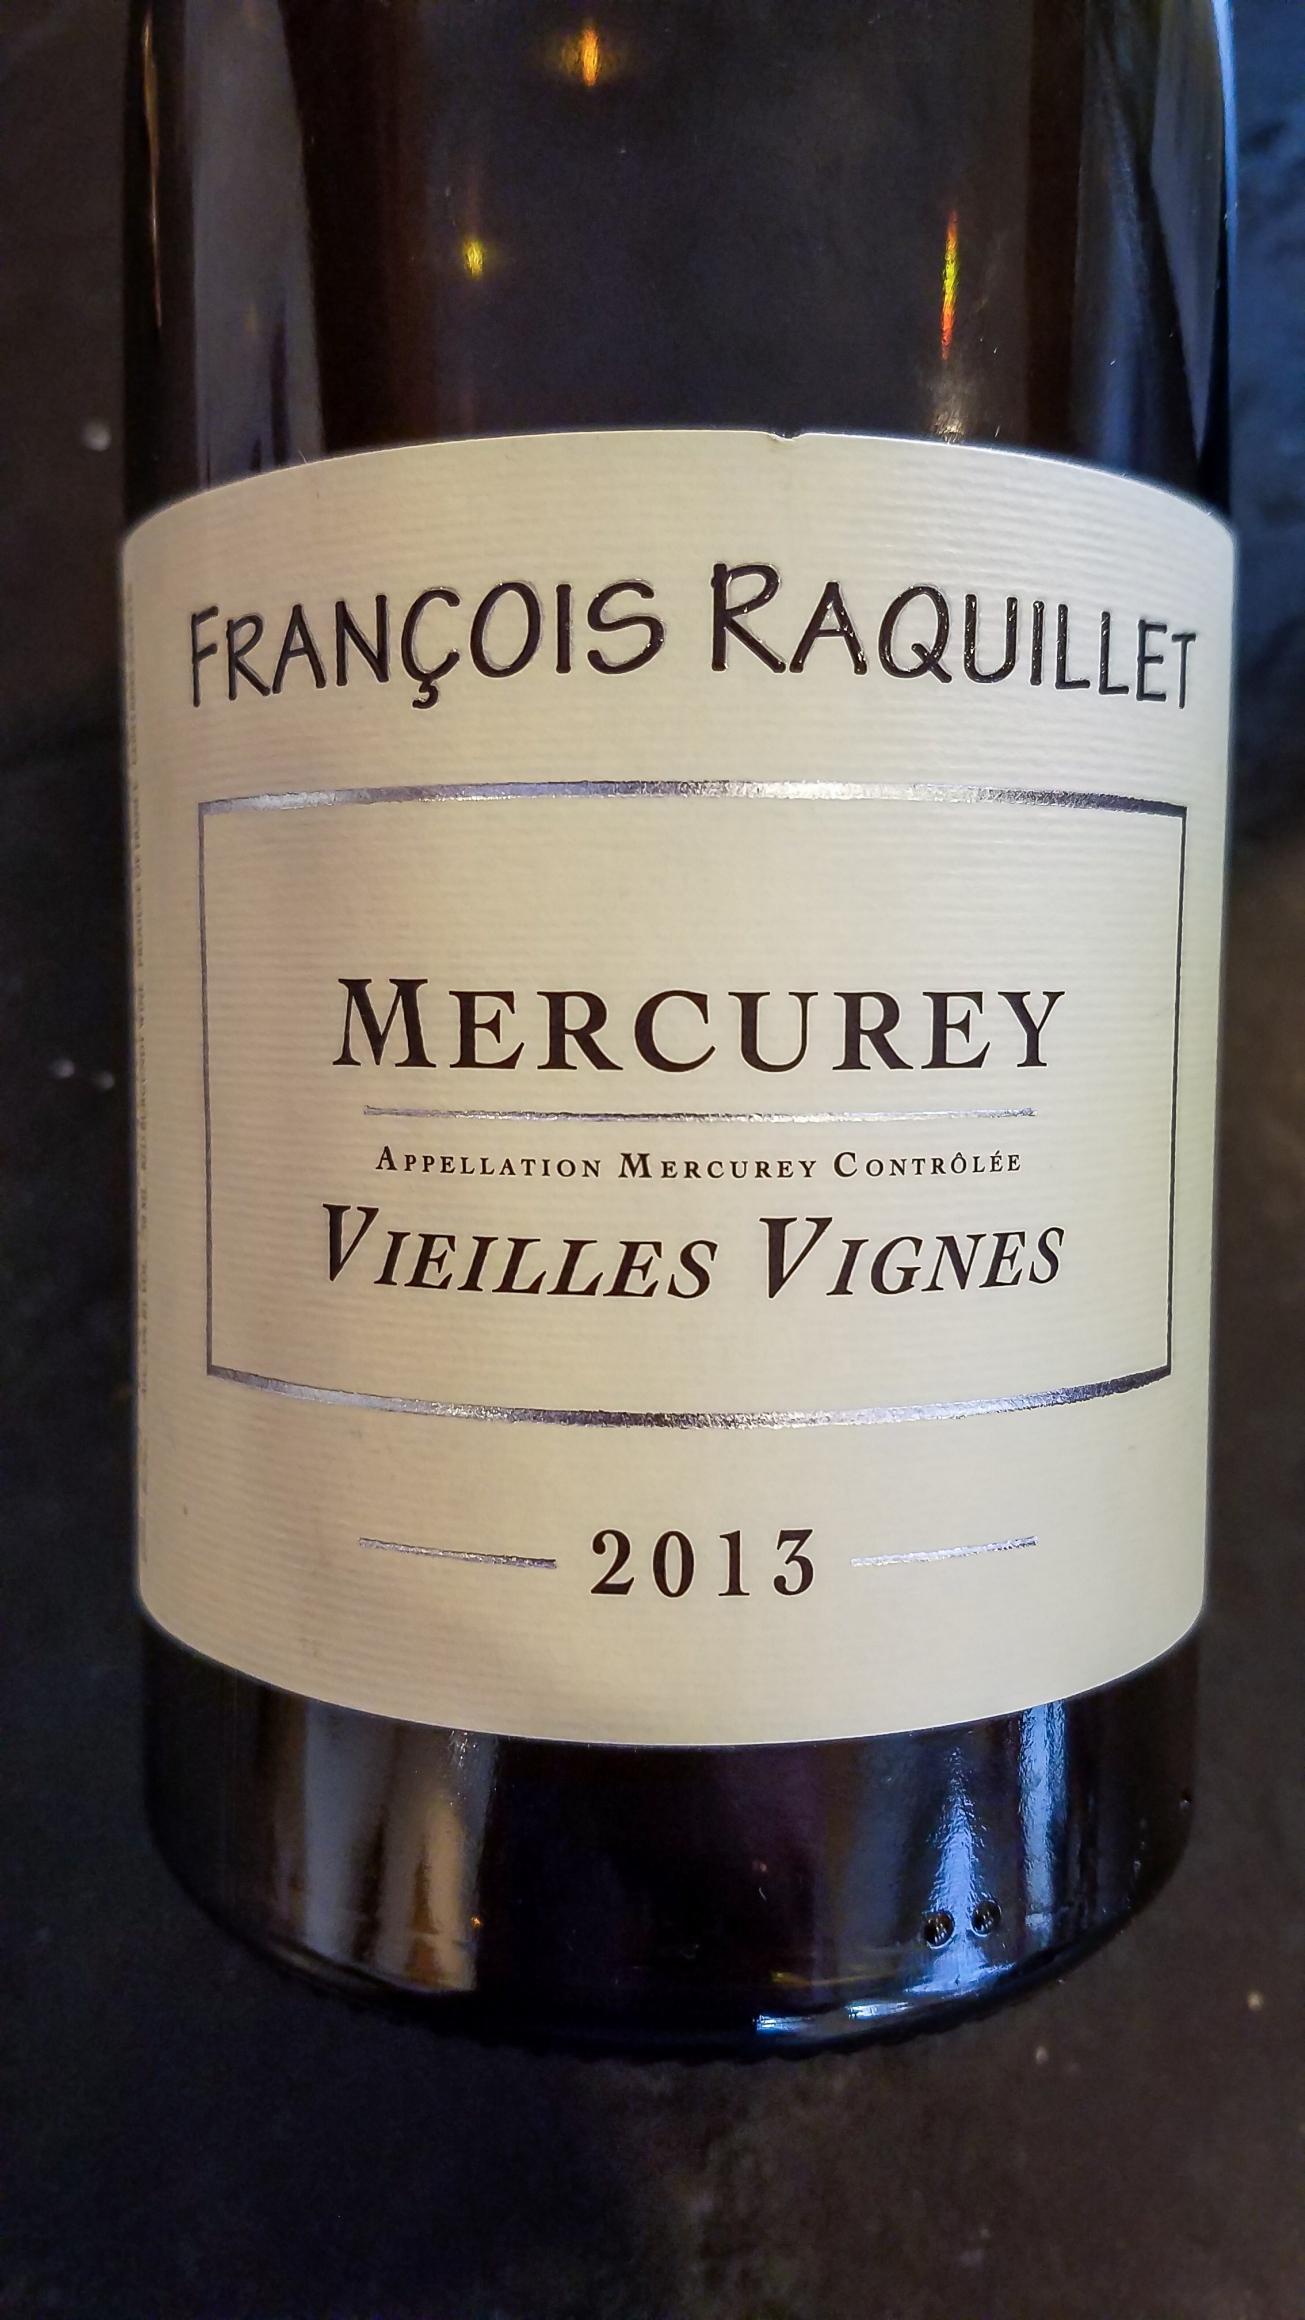 2013 François Raquillet Mercurey Vieilles Vignes